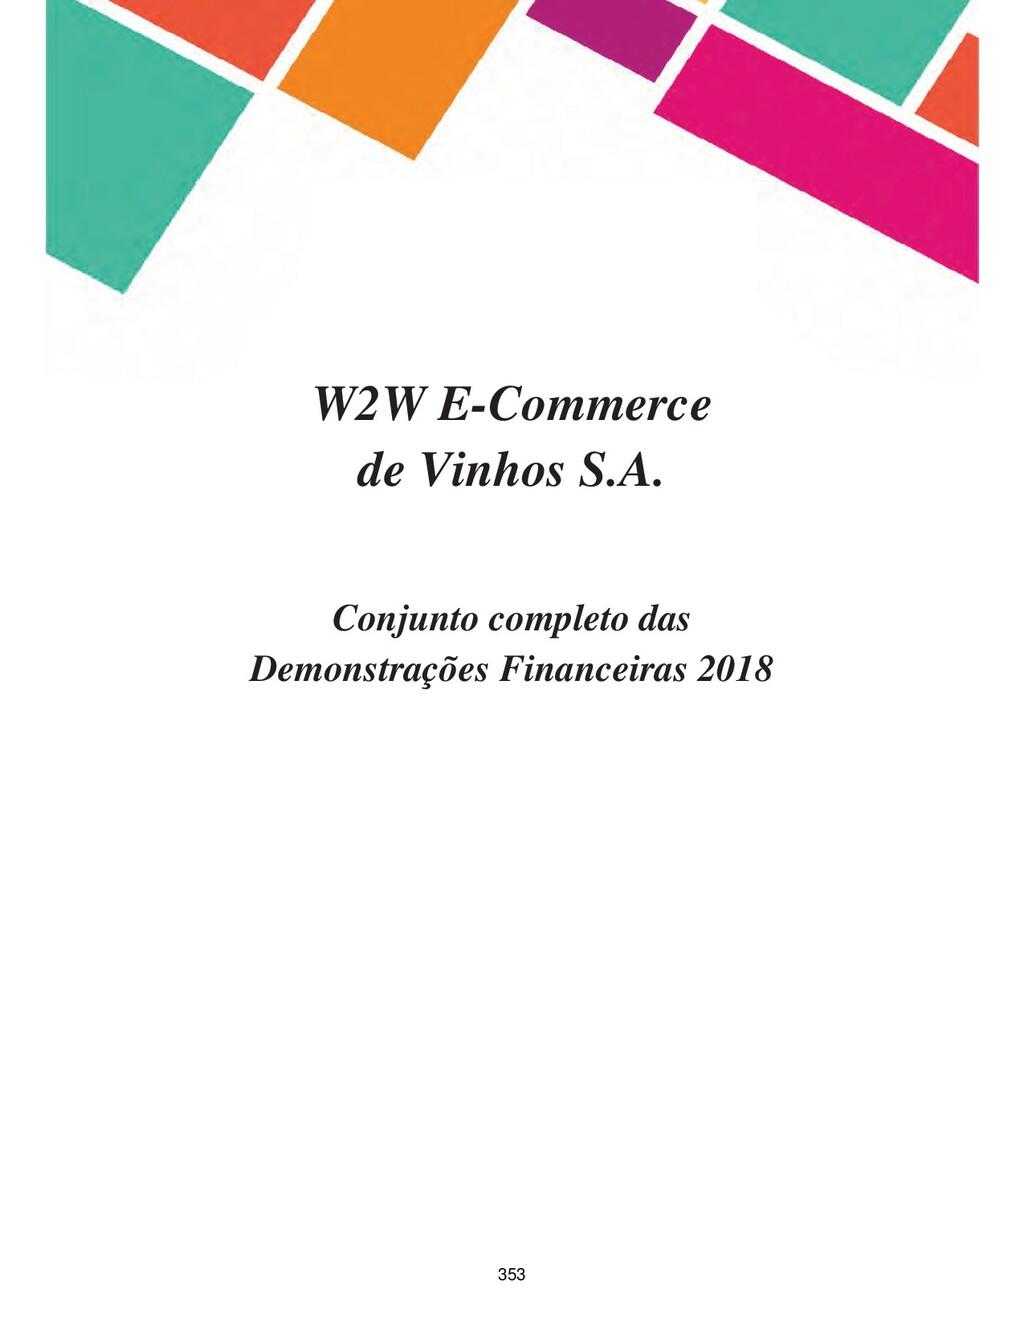 W2W E-Commerce de Vinhos S.A. Conjunto completo...